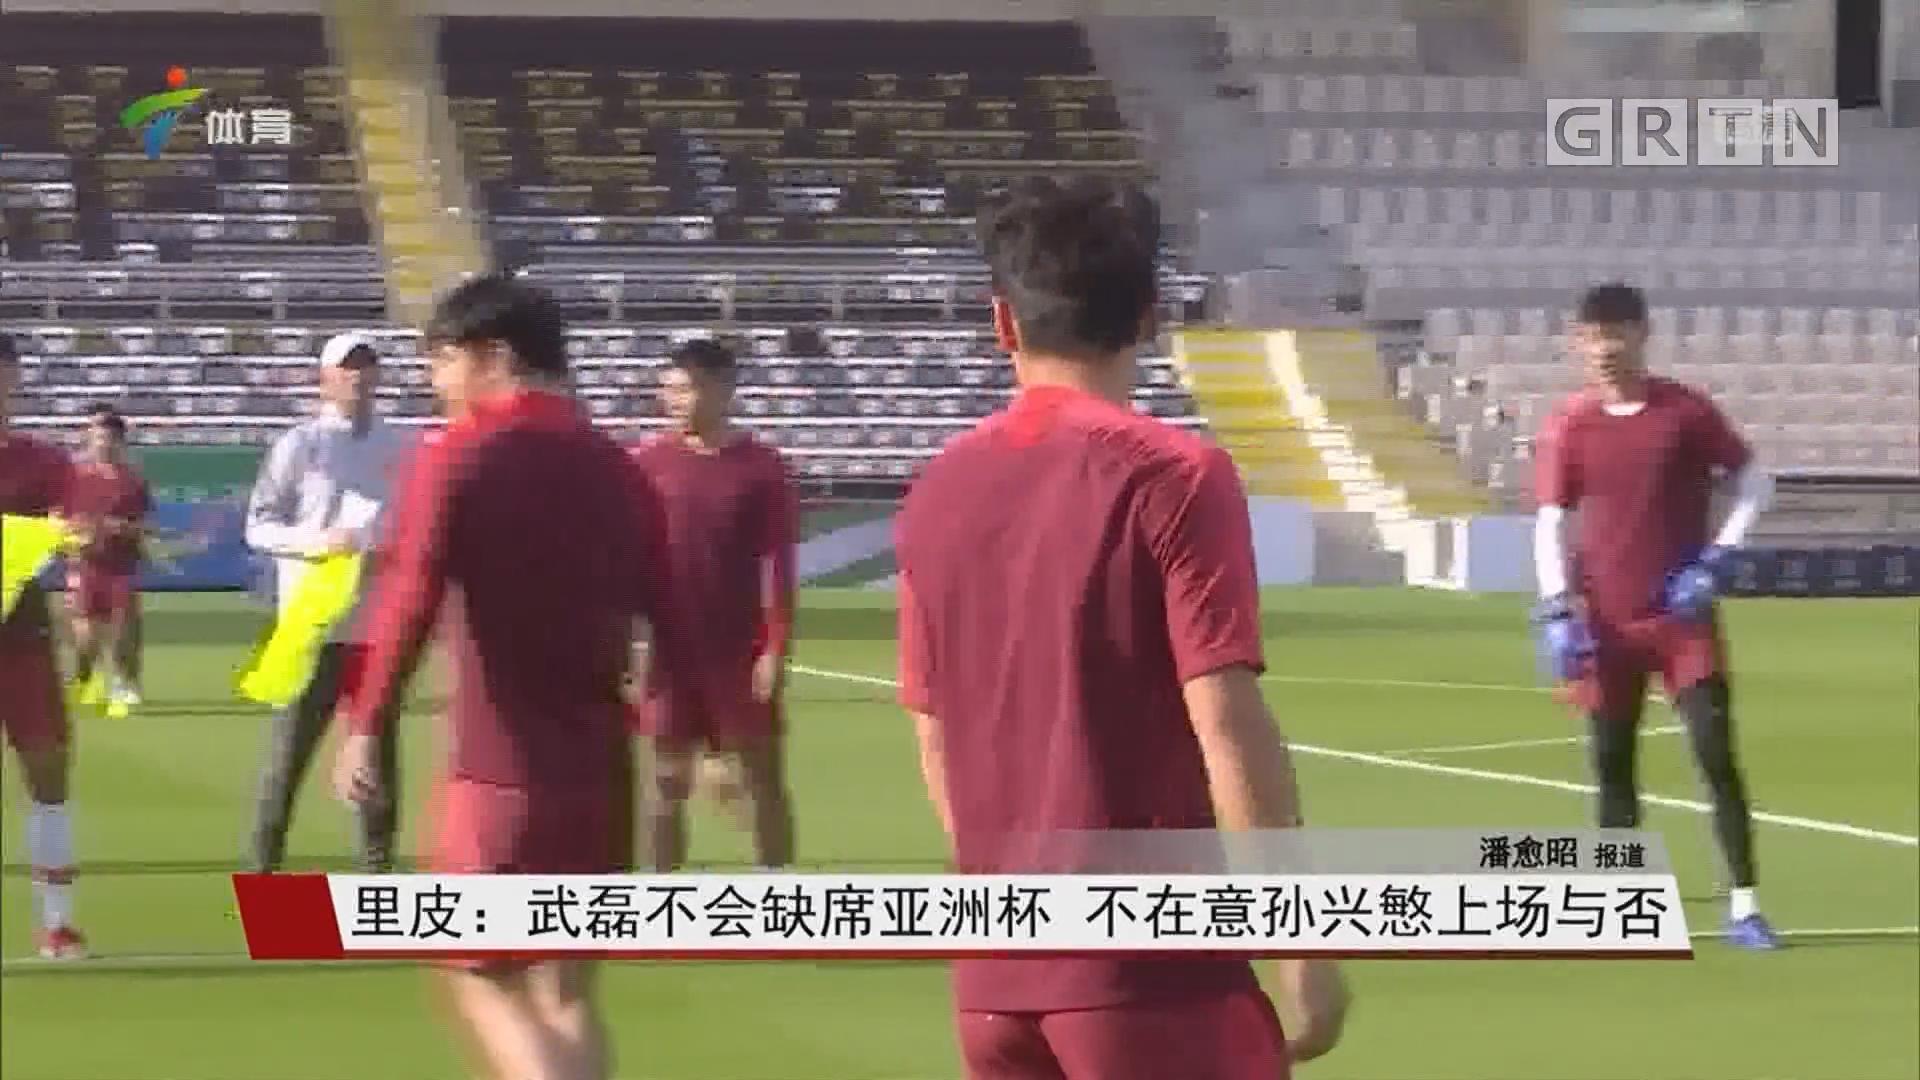 里皮:武磊不会缺席亚洲杯 不在意孙兴慜上场与否